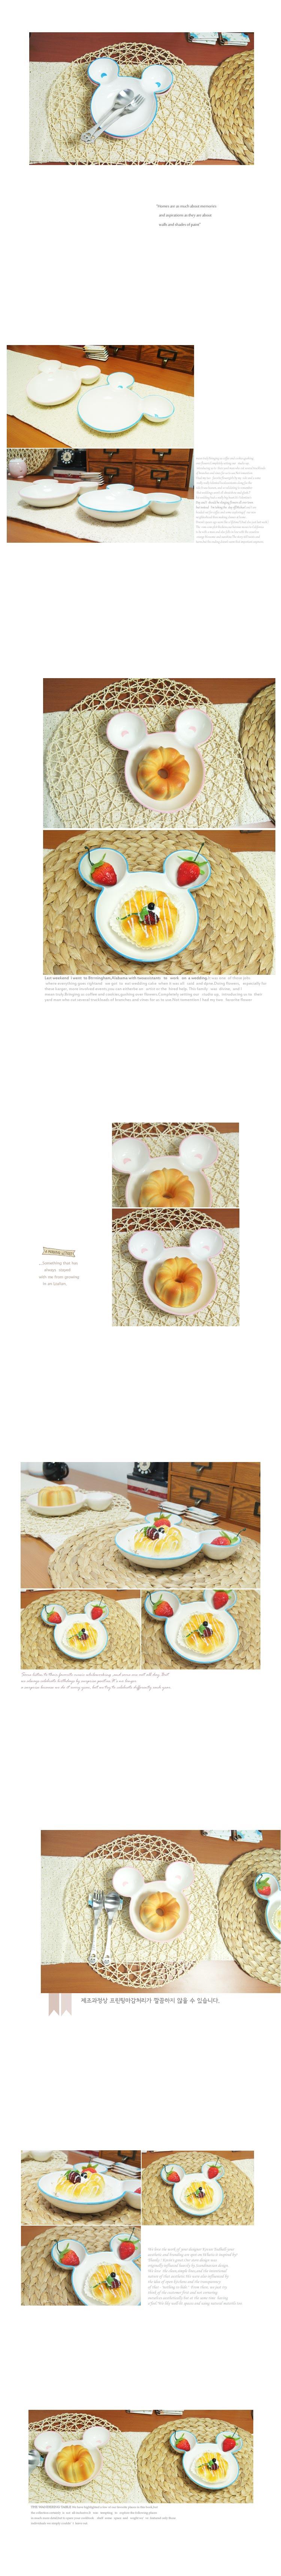 DS-635핸드페인팅 파스텔 나눔접시 어린이 간식 소스볼 접시 - 리빙톡톡, 24,000원, 나눔접시/식판, 나눔접시